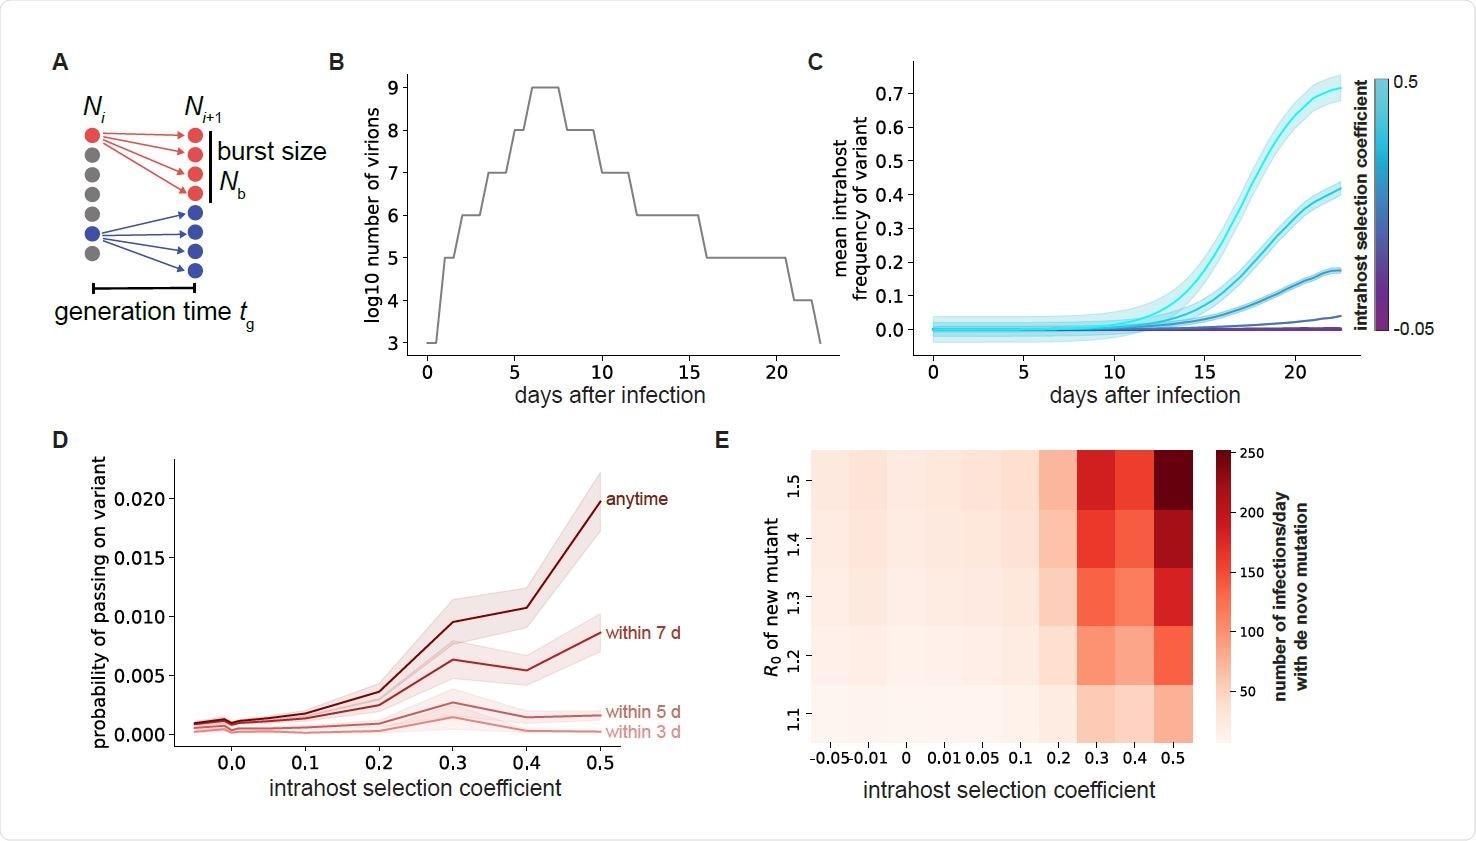 La selección dentro de los individuos con COVID-19 conduce a la selección de variantes virales más aptas.  A. Esquema del modelo de replicación viral utilizado para simular la dinámica evolutiva del SARS-CoV-2.  B. Curva de carga viral del esputo para una infección típica por COVID-19.  El eje x representa el tiempo a partir del evento de transmisión inicial que inició la infección.  C. Frecuencia media de variantes con mutaciones puntuales en individuos con COVID-19 para diferentes efectos de aptitud de mutación (colores).  D. Probabilidad de que una sola mutación específica esté presente en al menos un virión transmitido si la transmisión ocurre dentro de los primeros 3-7 días de la infección (curvas rojas más claras) o en cualquier momento durante la infección (rojo más oscuro).  Para C y D, las áreas sombreadas representan ± SEM,